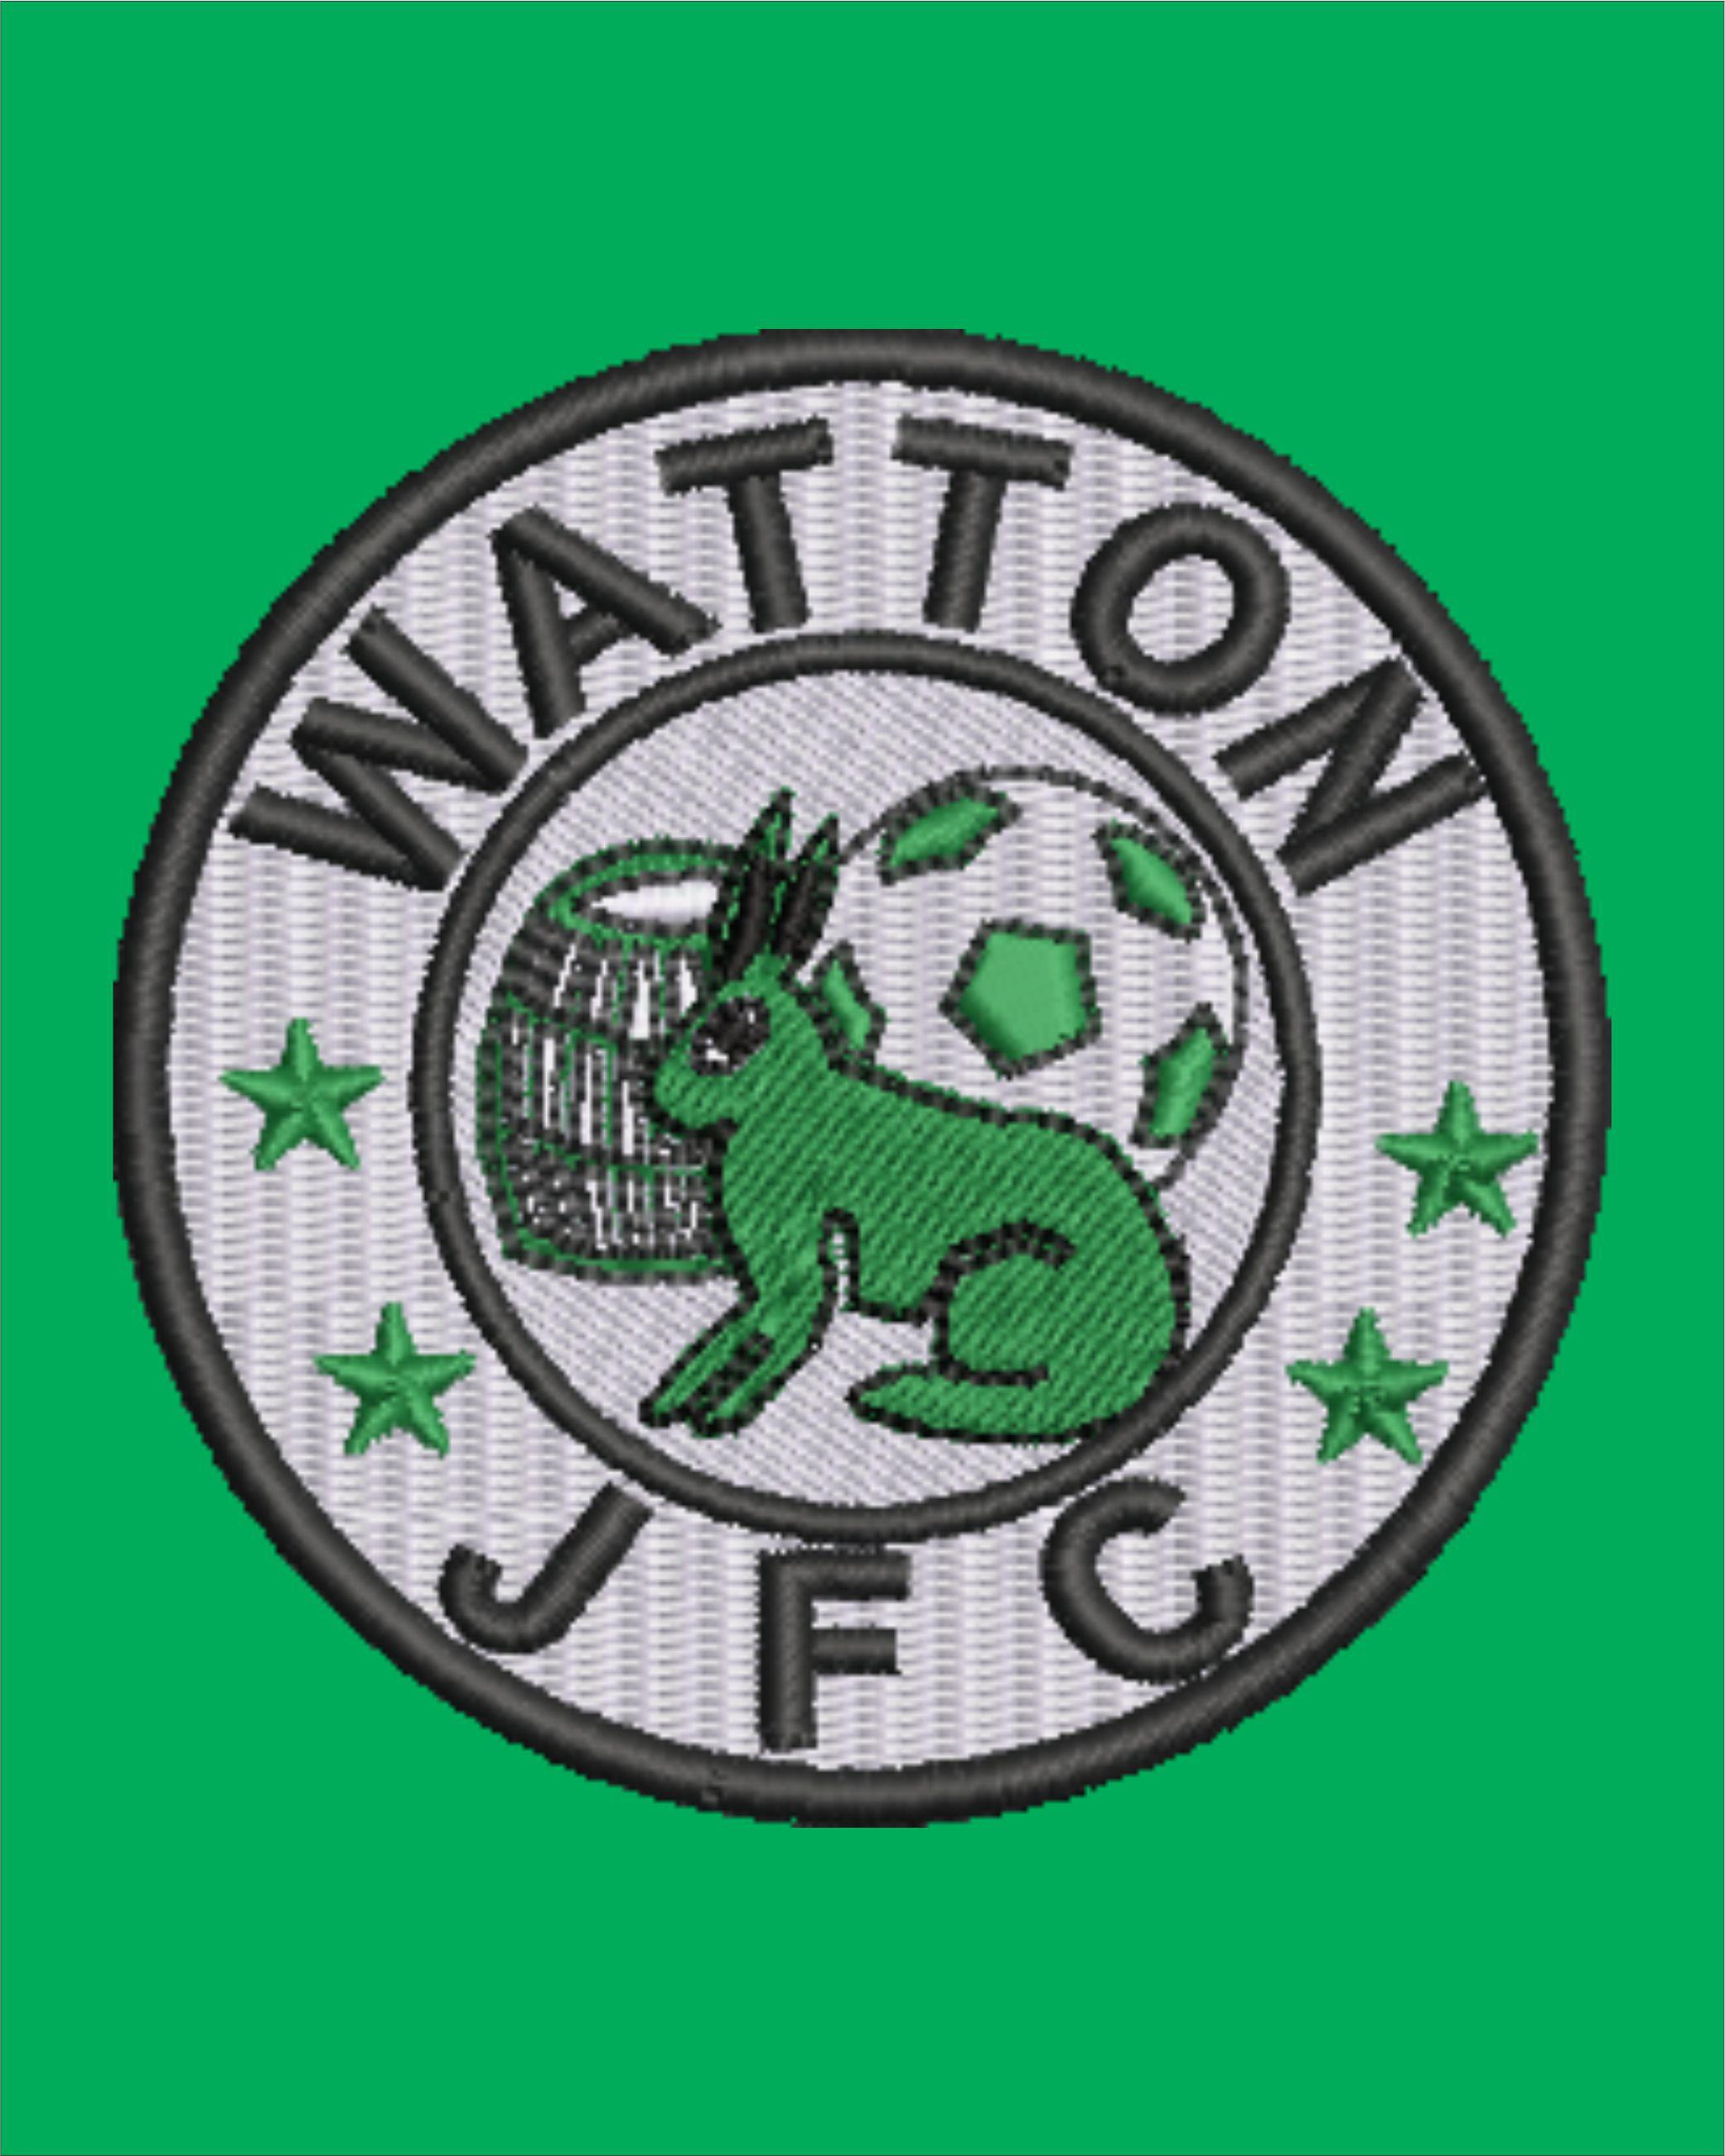 Watton Jfc Crest